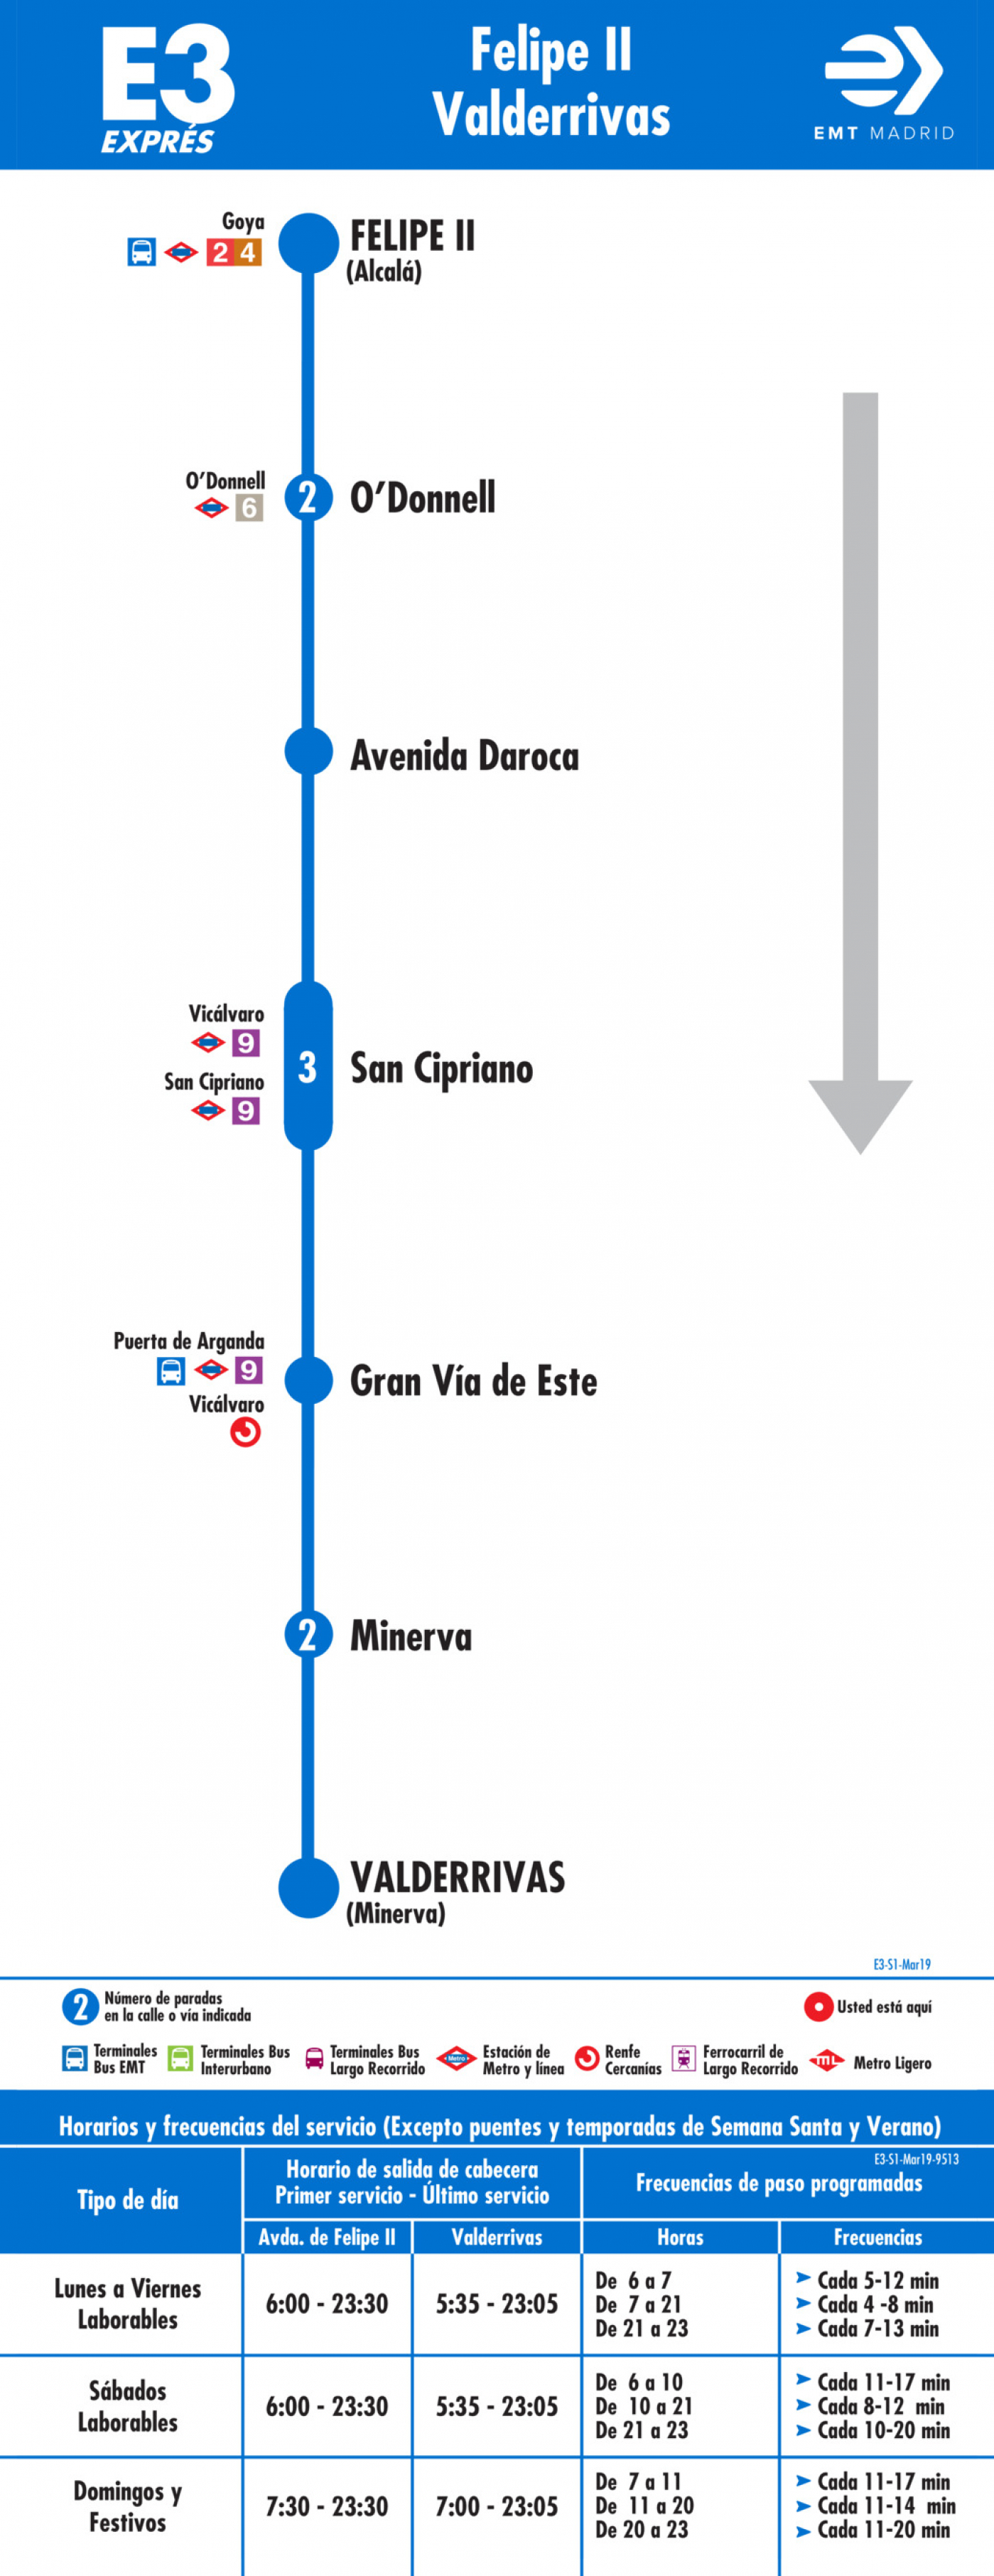 Tabla de horarios y frecuencias de paso en sentido ida Línea E3: Avenida de Felipe II - Puerta de Arganda